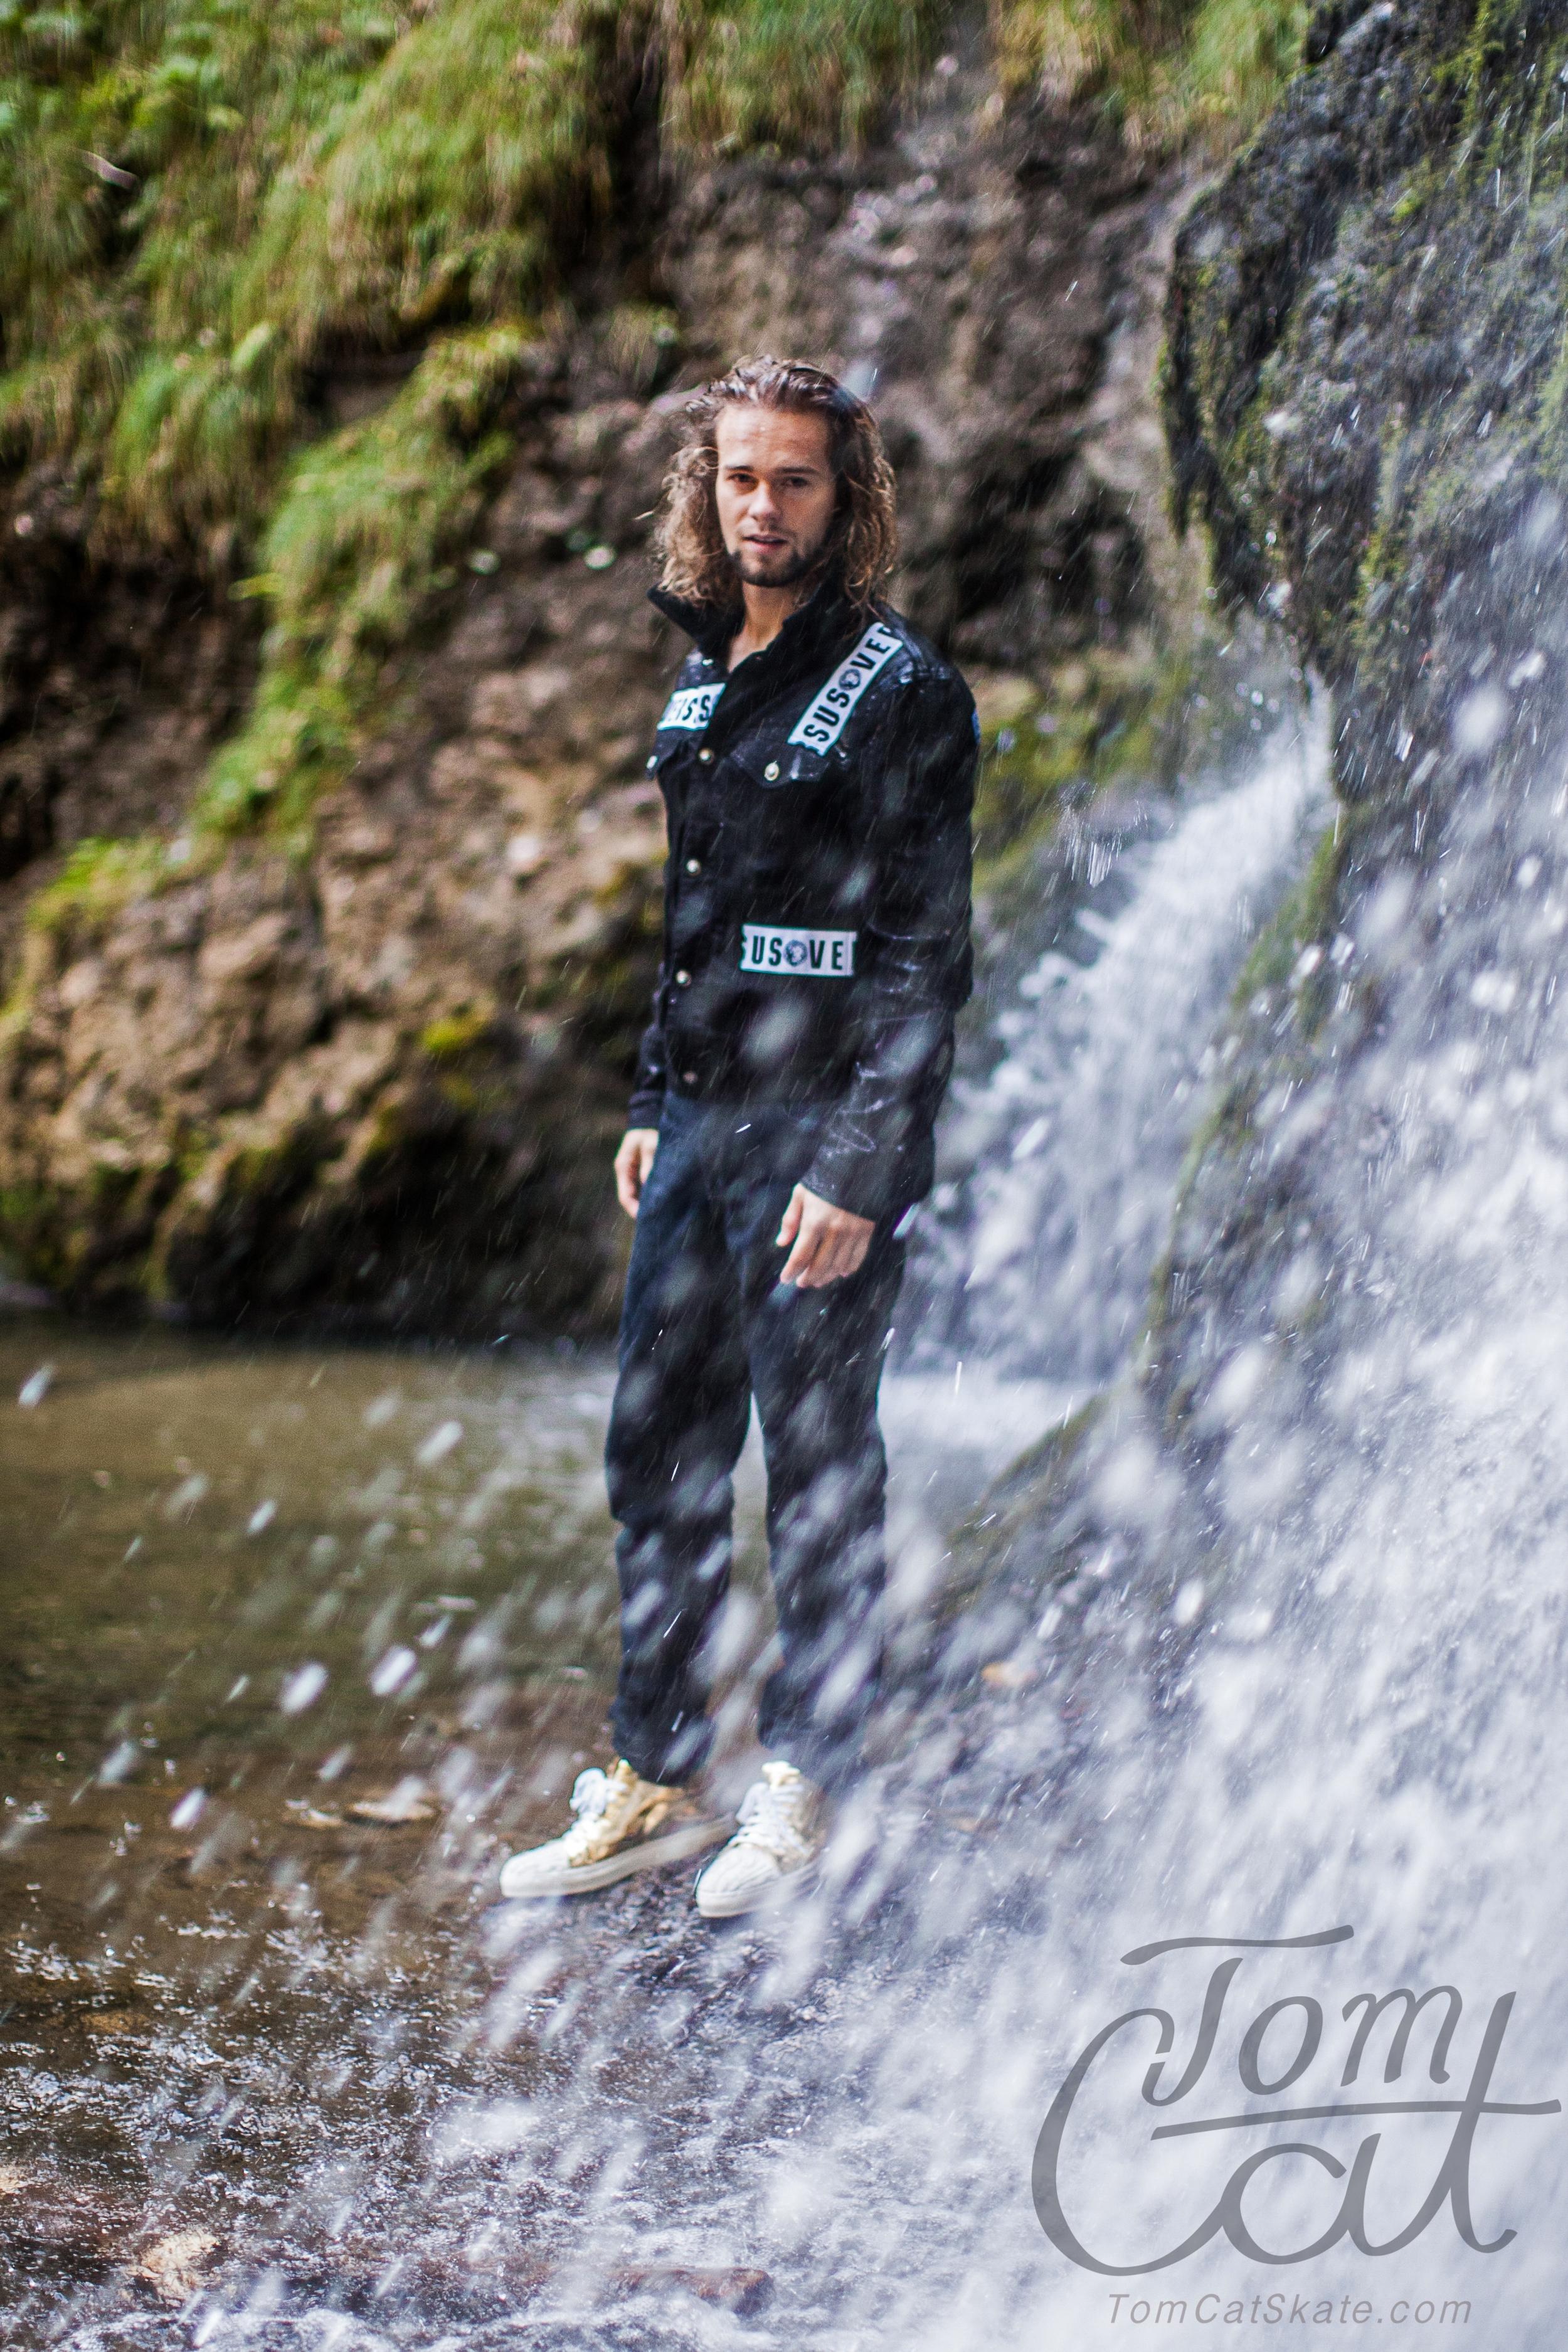 Waterfall Male Model Tom Cat Skater Jens Schuhmann Photo